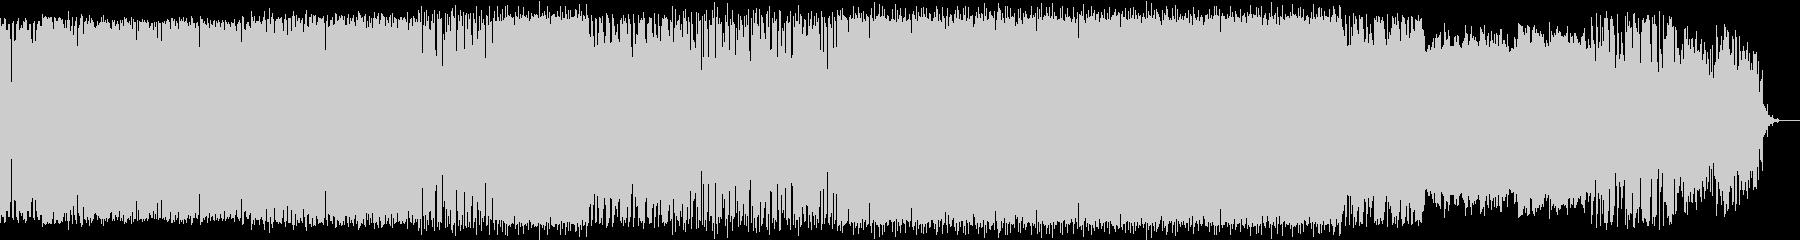 オルガンメロディ入りの深海イメージ曲の未再生の波形